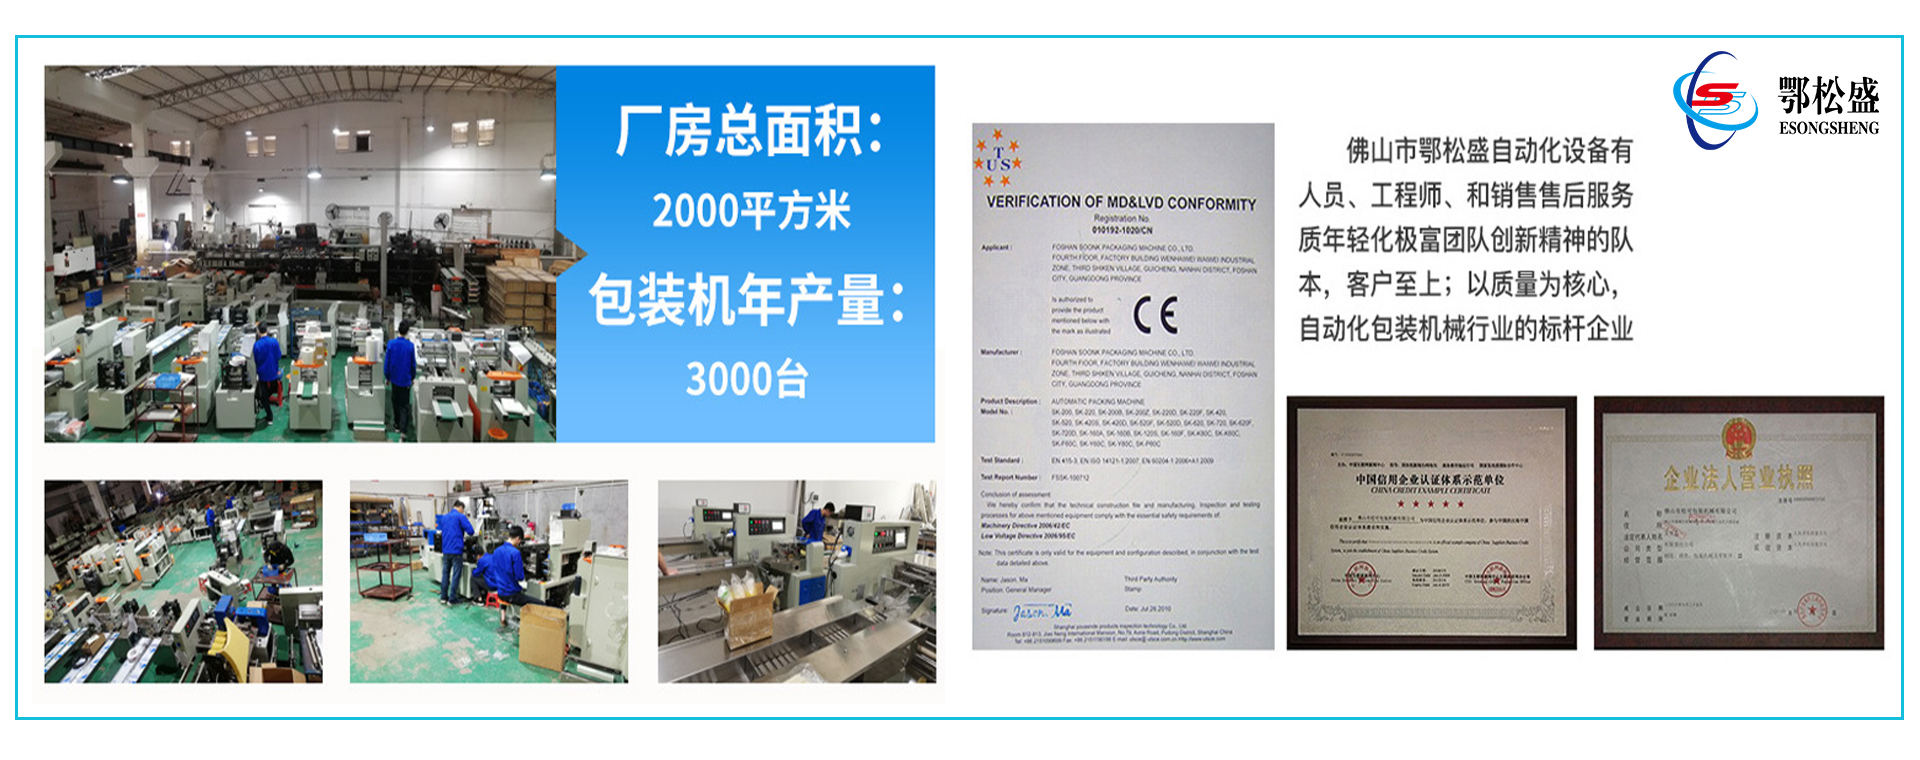 包裝機年生產能力達到3000臺,自動化包裝機行業標桿企業